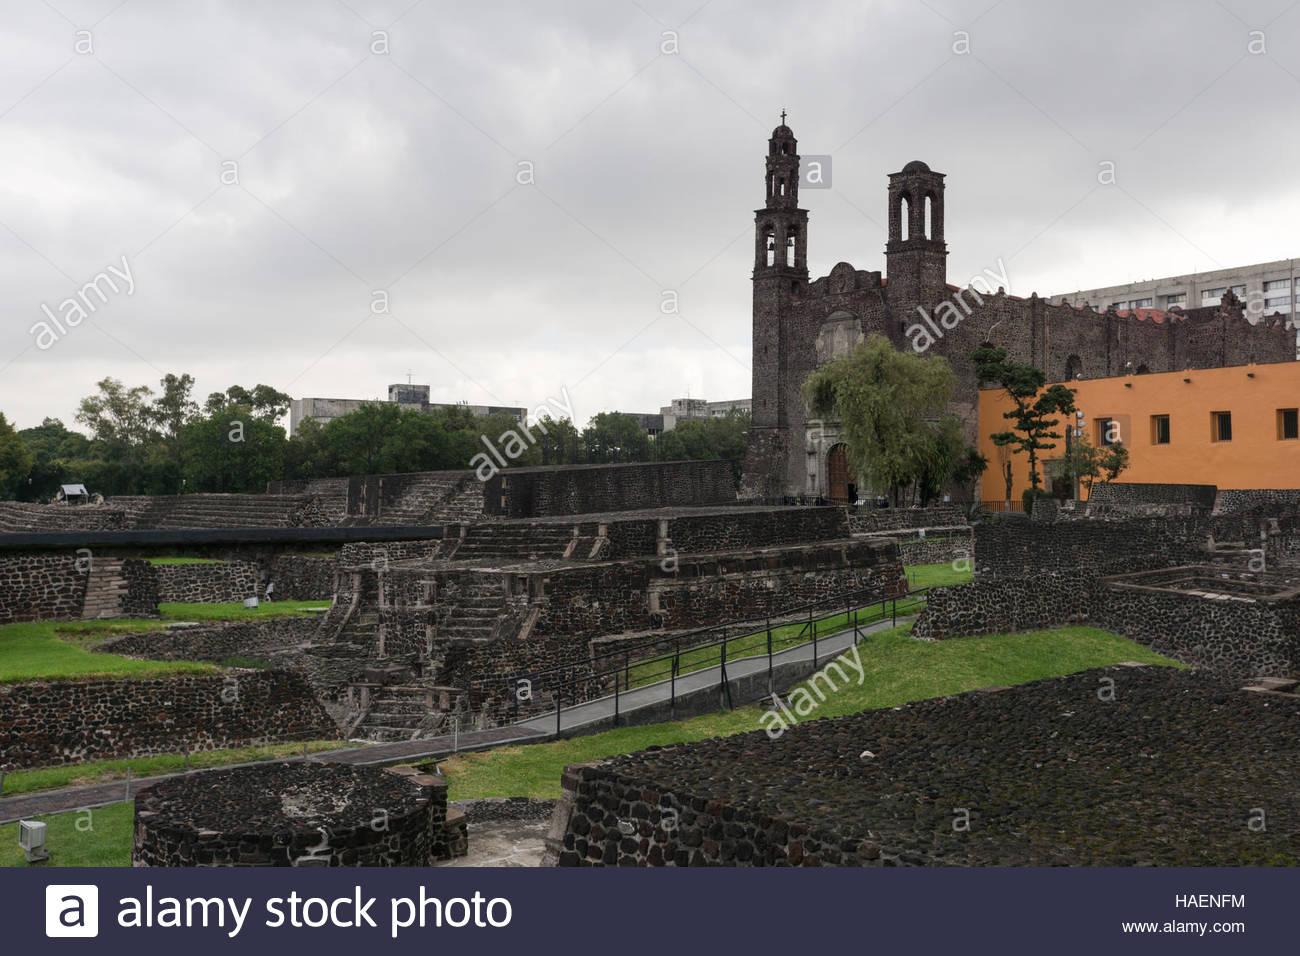 plaza-de-las-tres-culturas-square-of-the